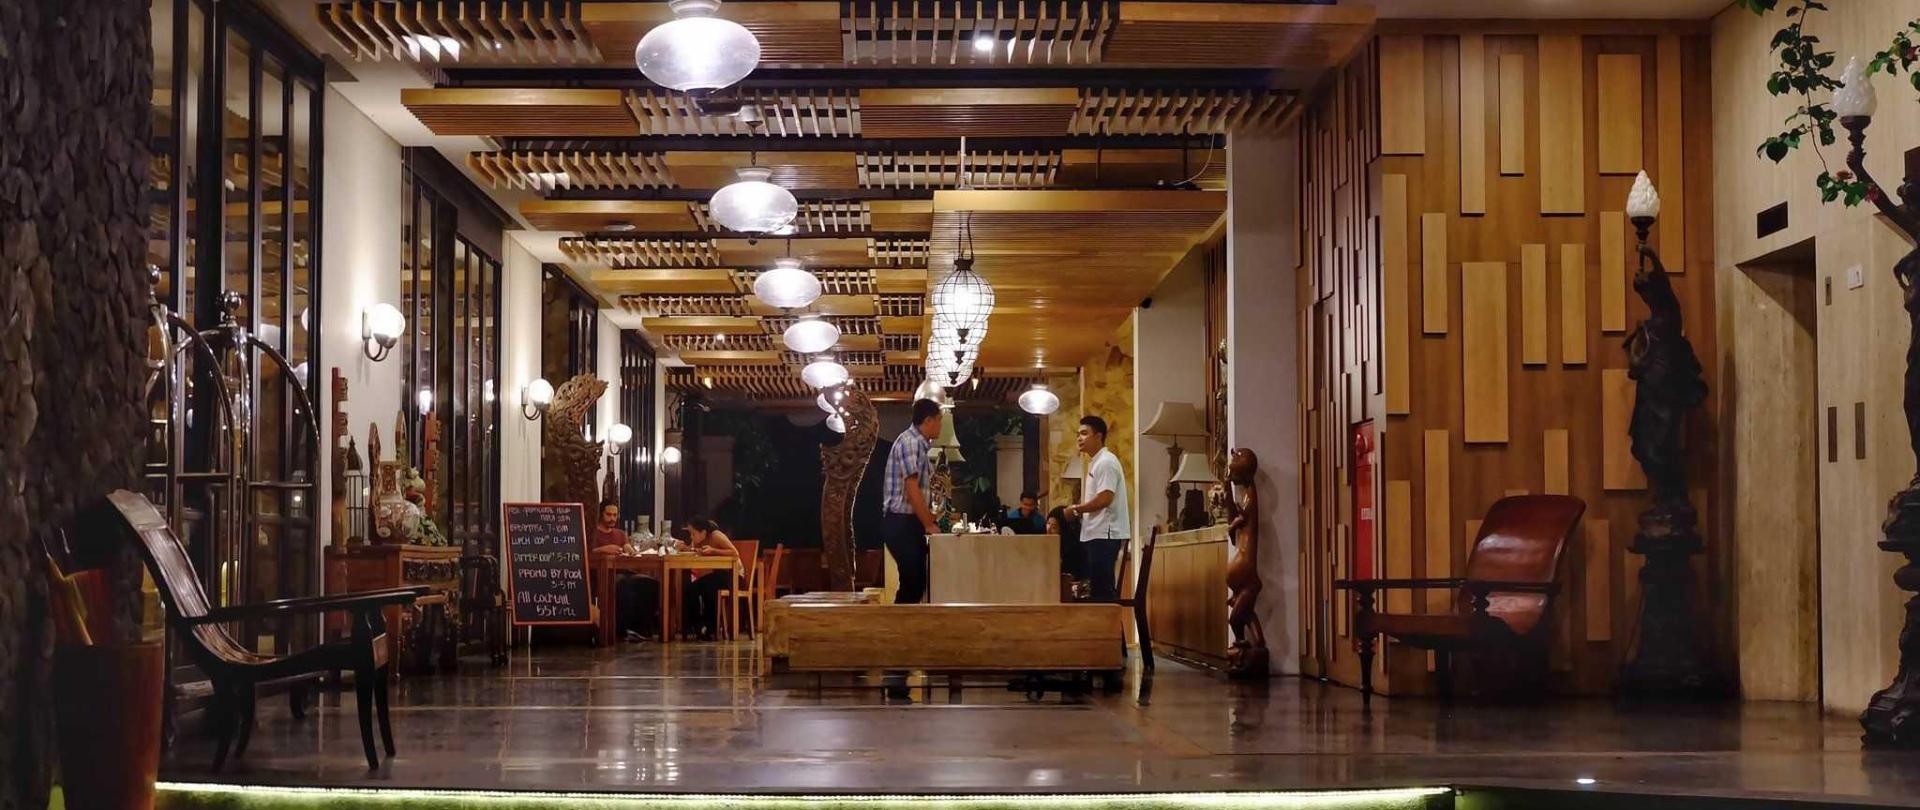 lobby-2-2.JPG